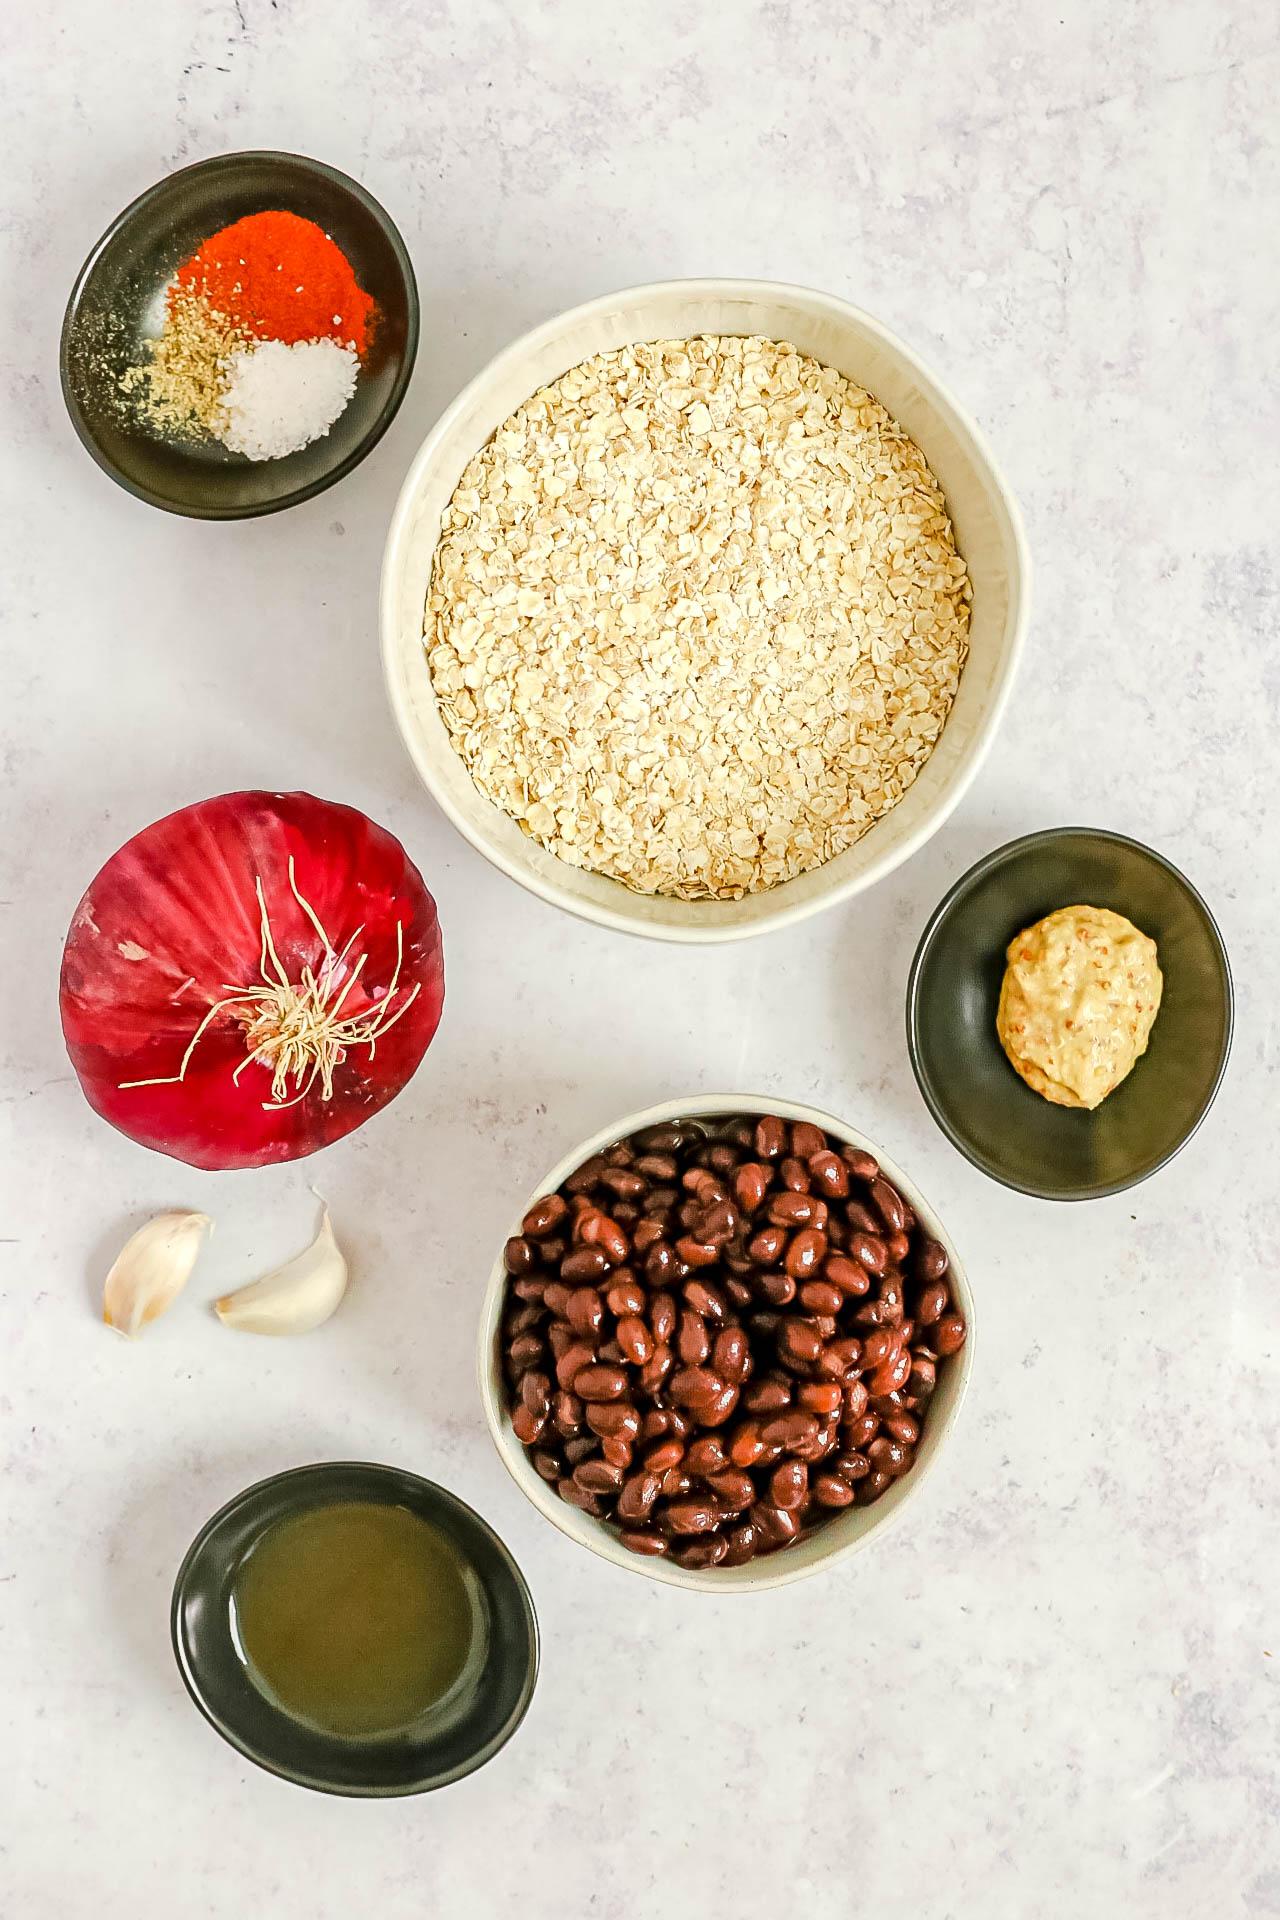 Spicy Vegan Black Bean Burgers Ingredients